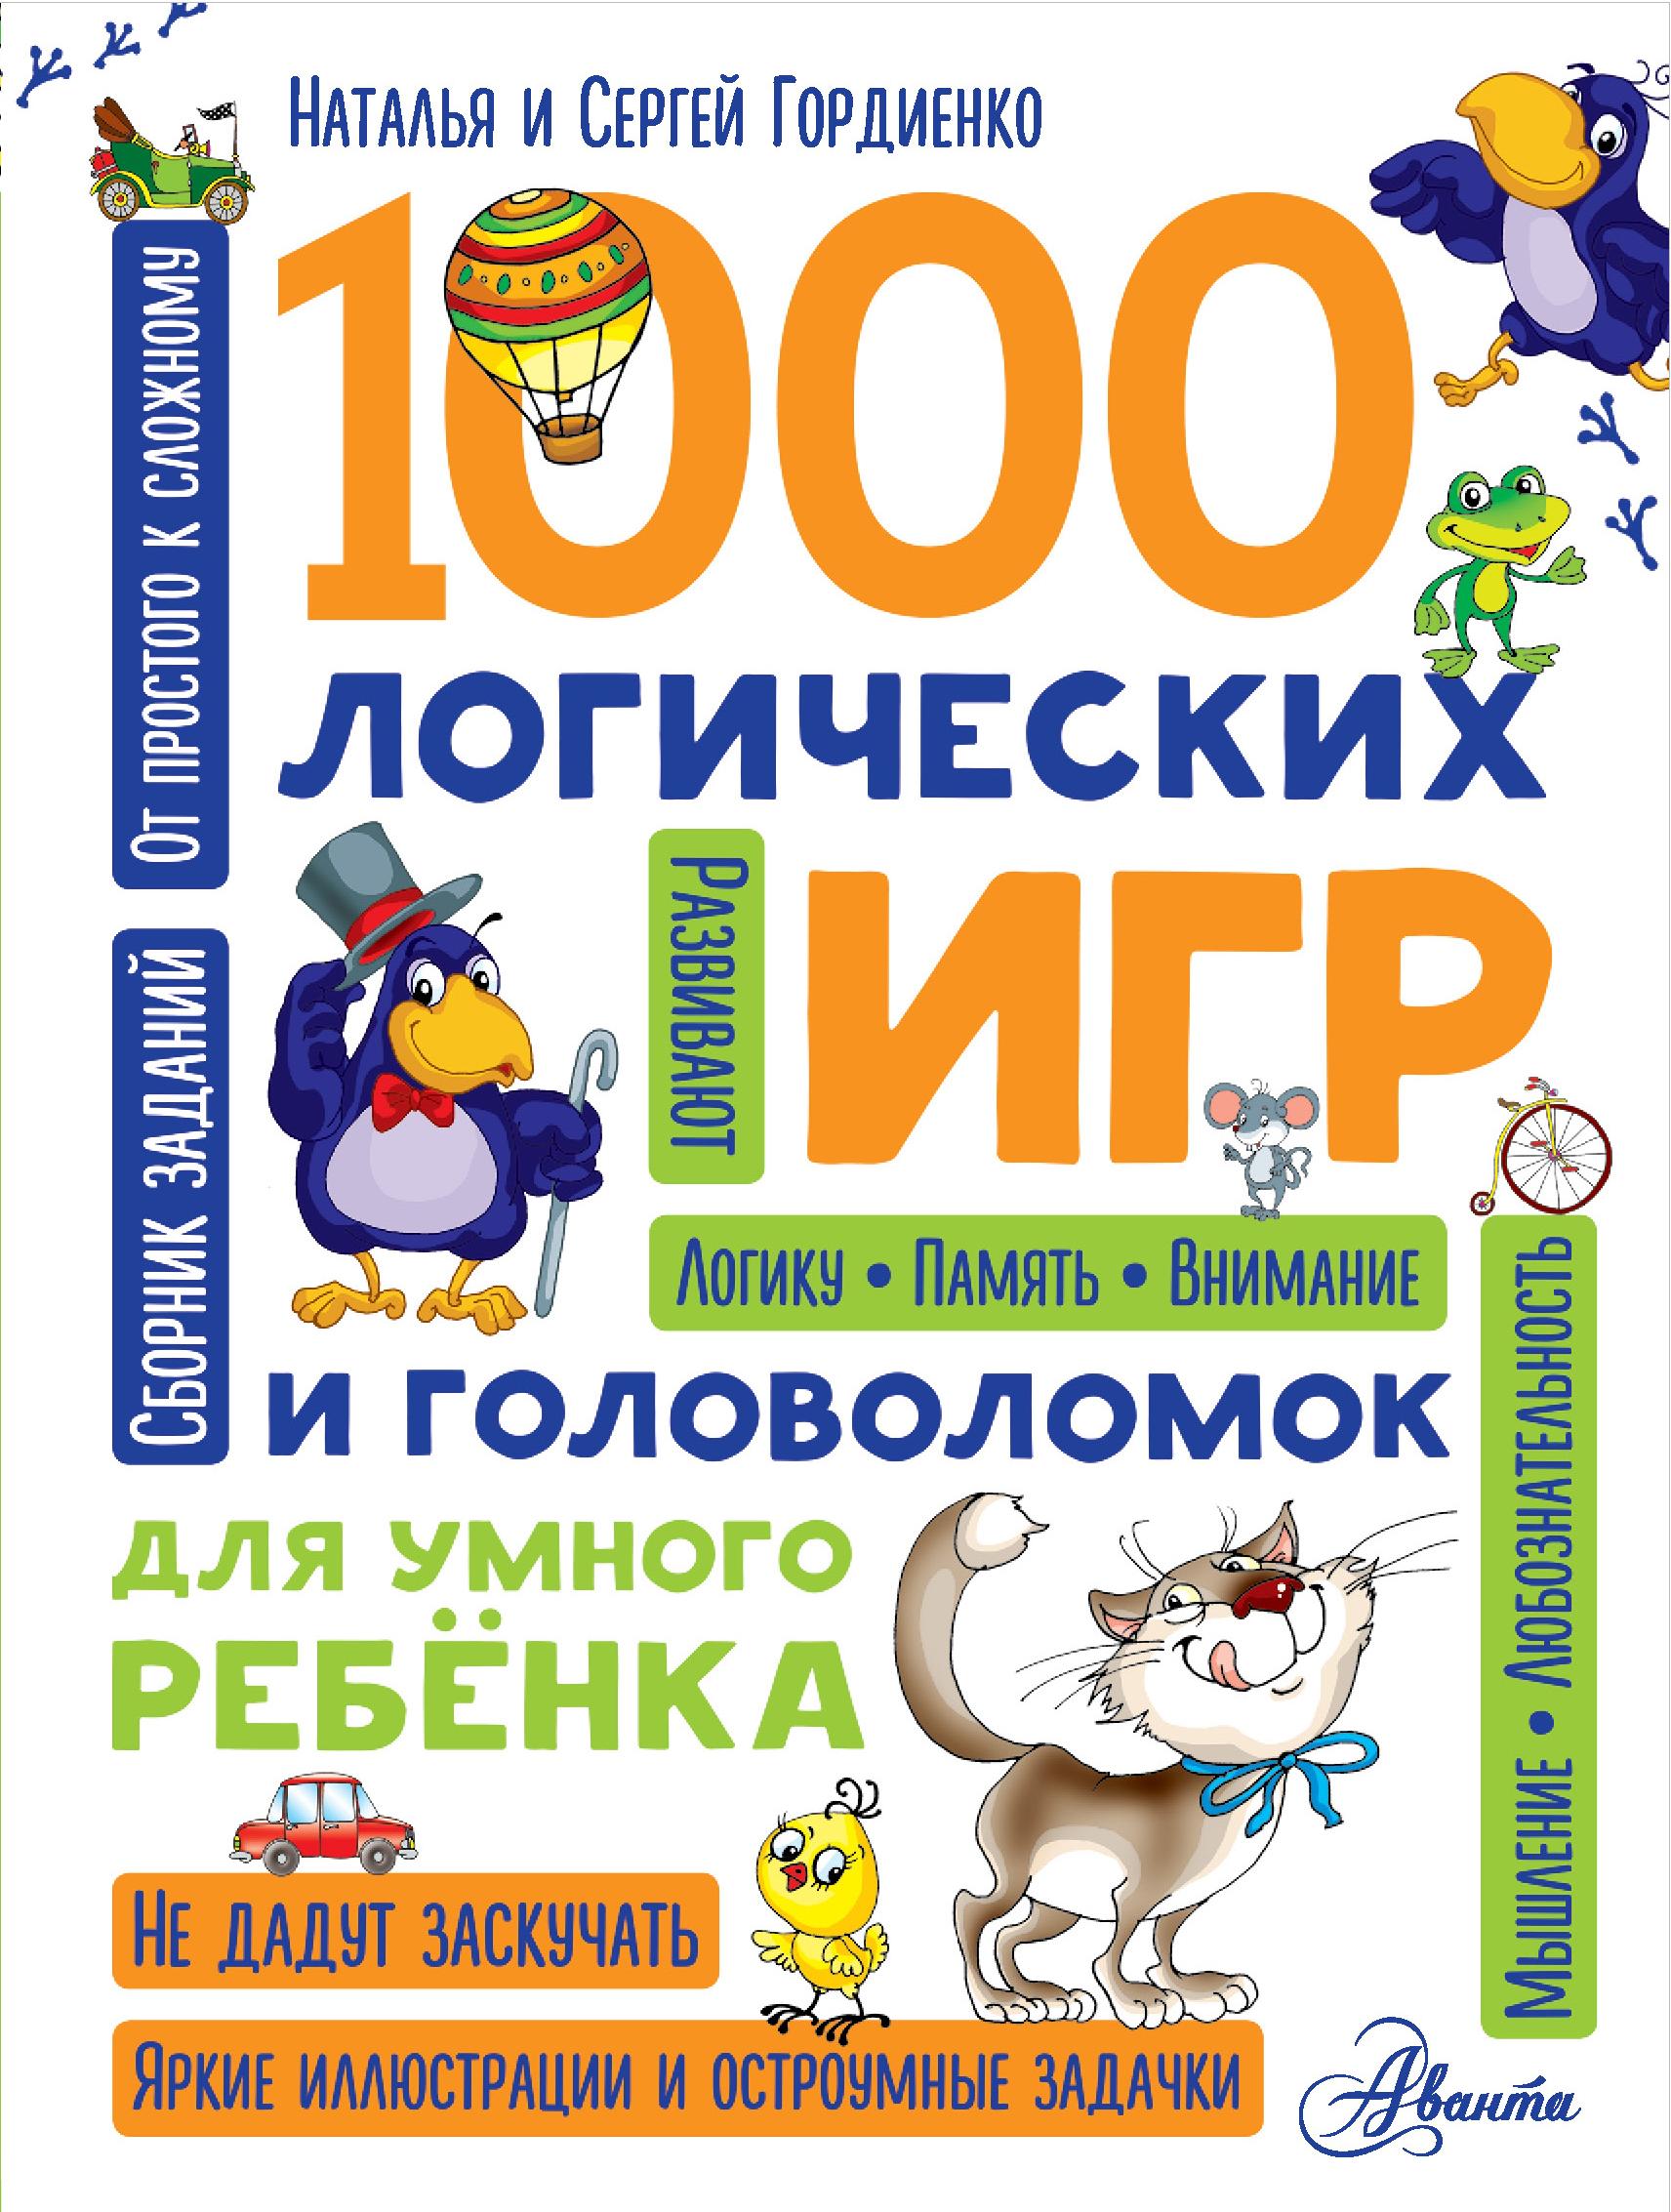 Фото - Гордиенко Н., Гордиенко С. 1000 логических игр и головоломок для умного ребенка отсутствует лучшая книга логических игр и головоломок для самых умных